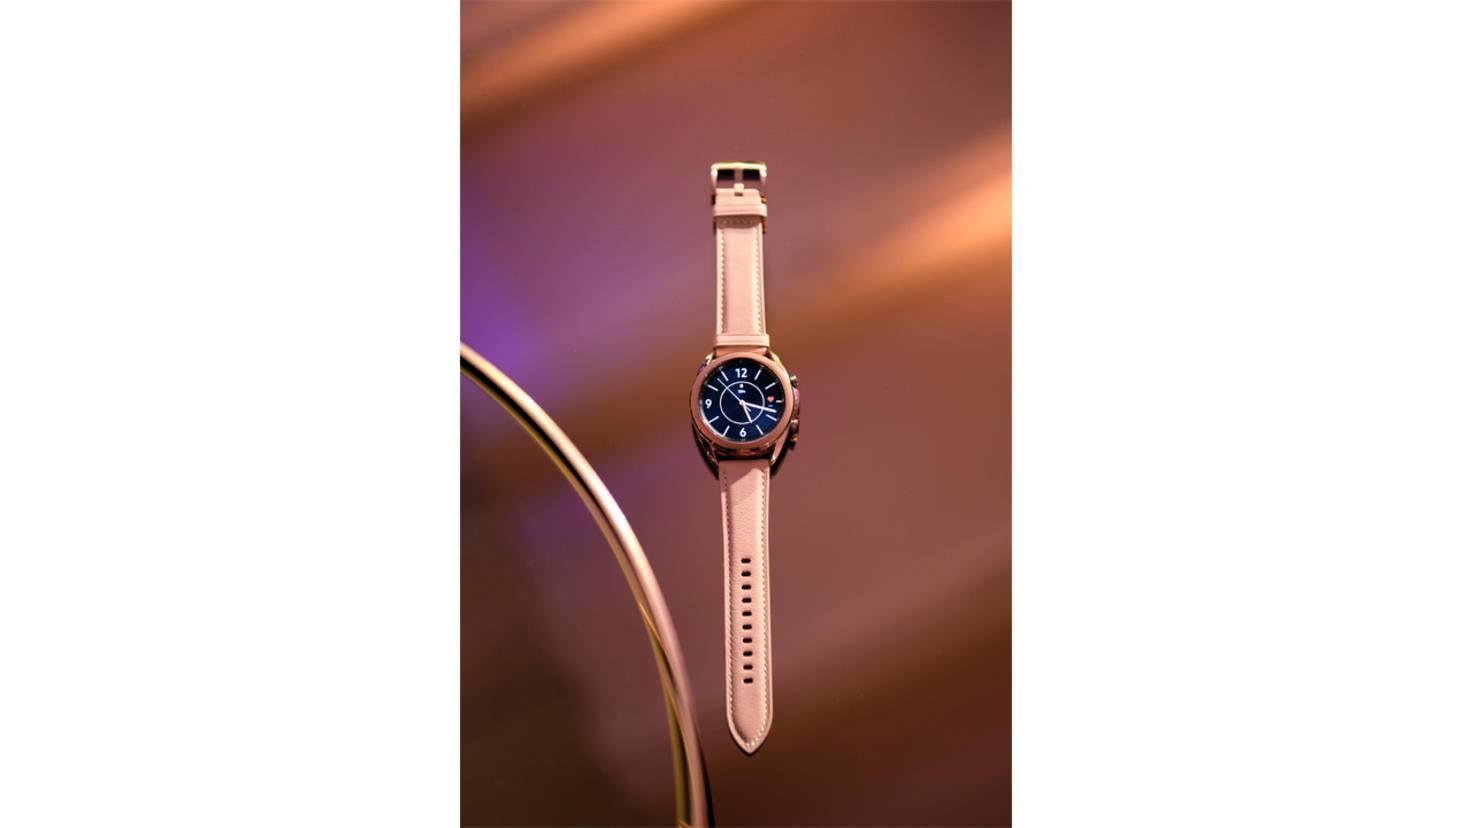 Die Galaxy Watch 3 wird in zwei Größen angeboten.